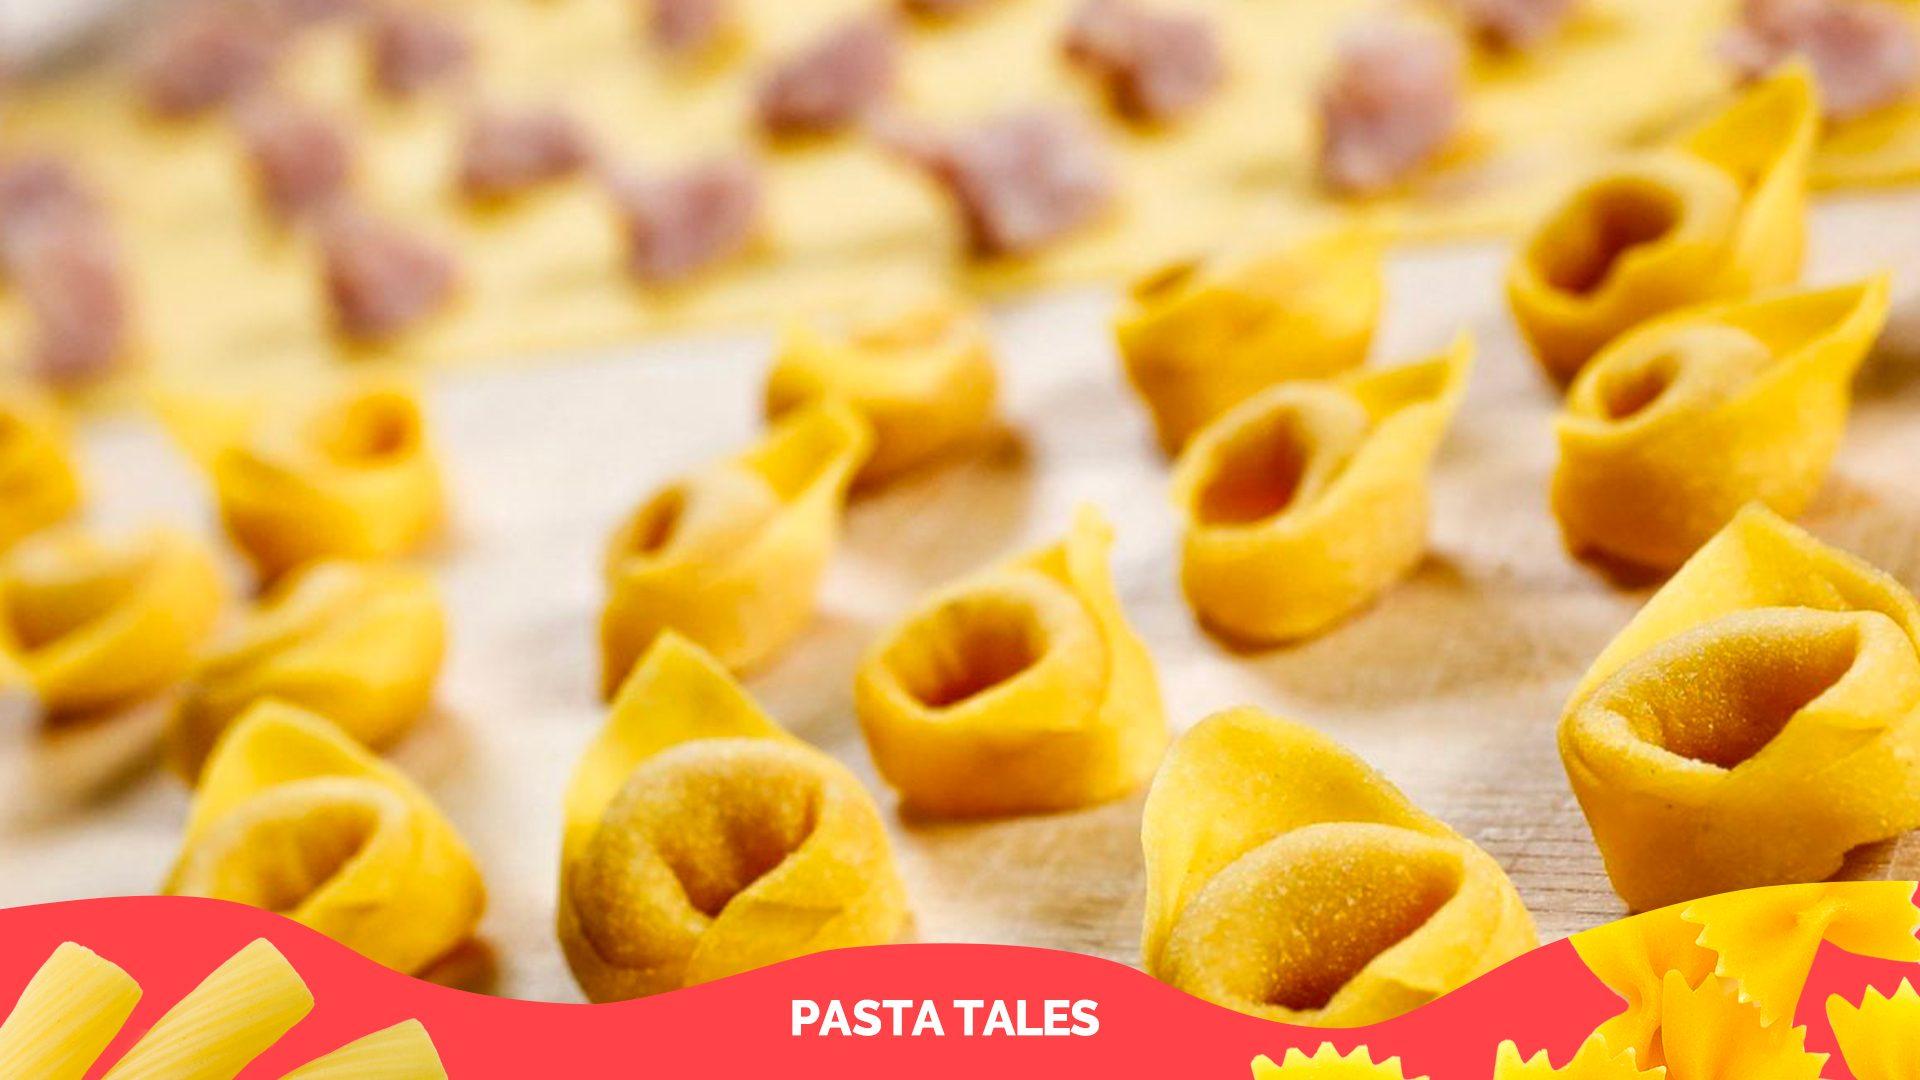 Viaggio sulla Via Emilia: il culto della pasta fresca in 36 formati diversi